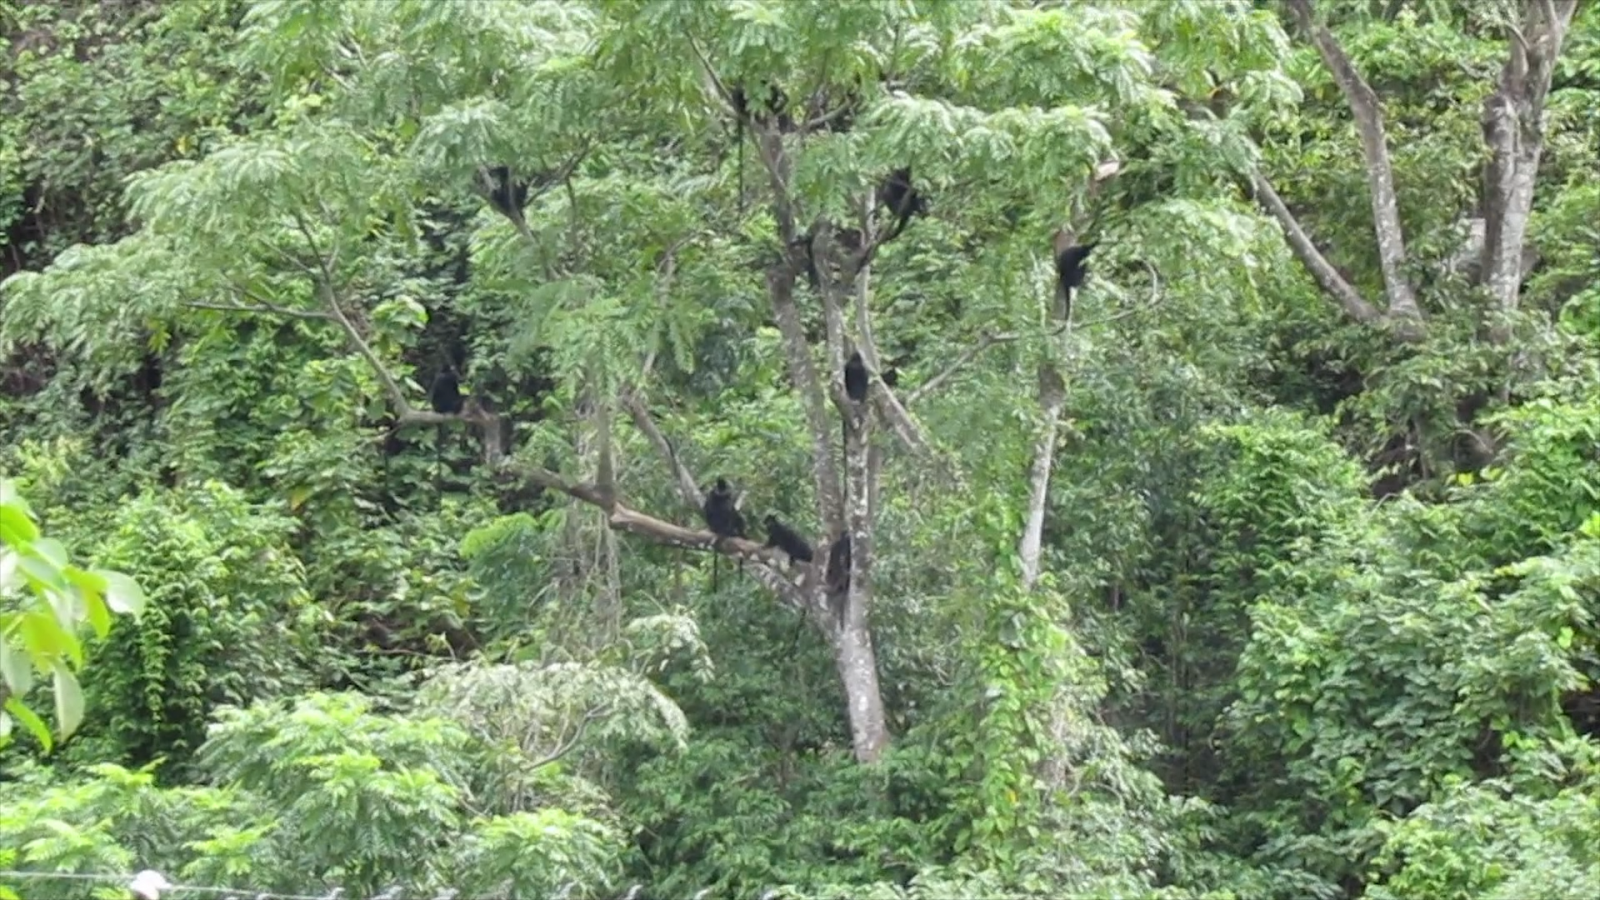 Số lượng loài voọc gáy trắng ở Vườn Quốc gia Phong Nha – Kẻ Bàng đang tăng lên